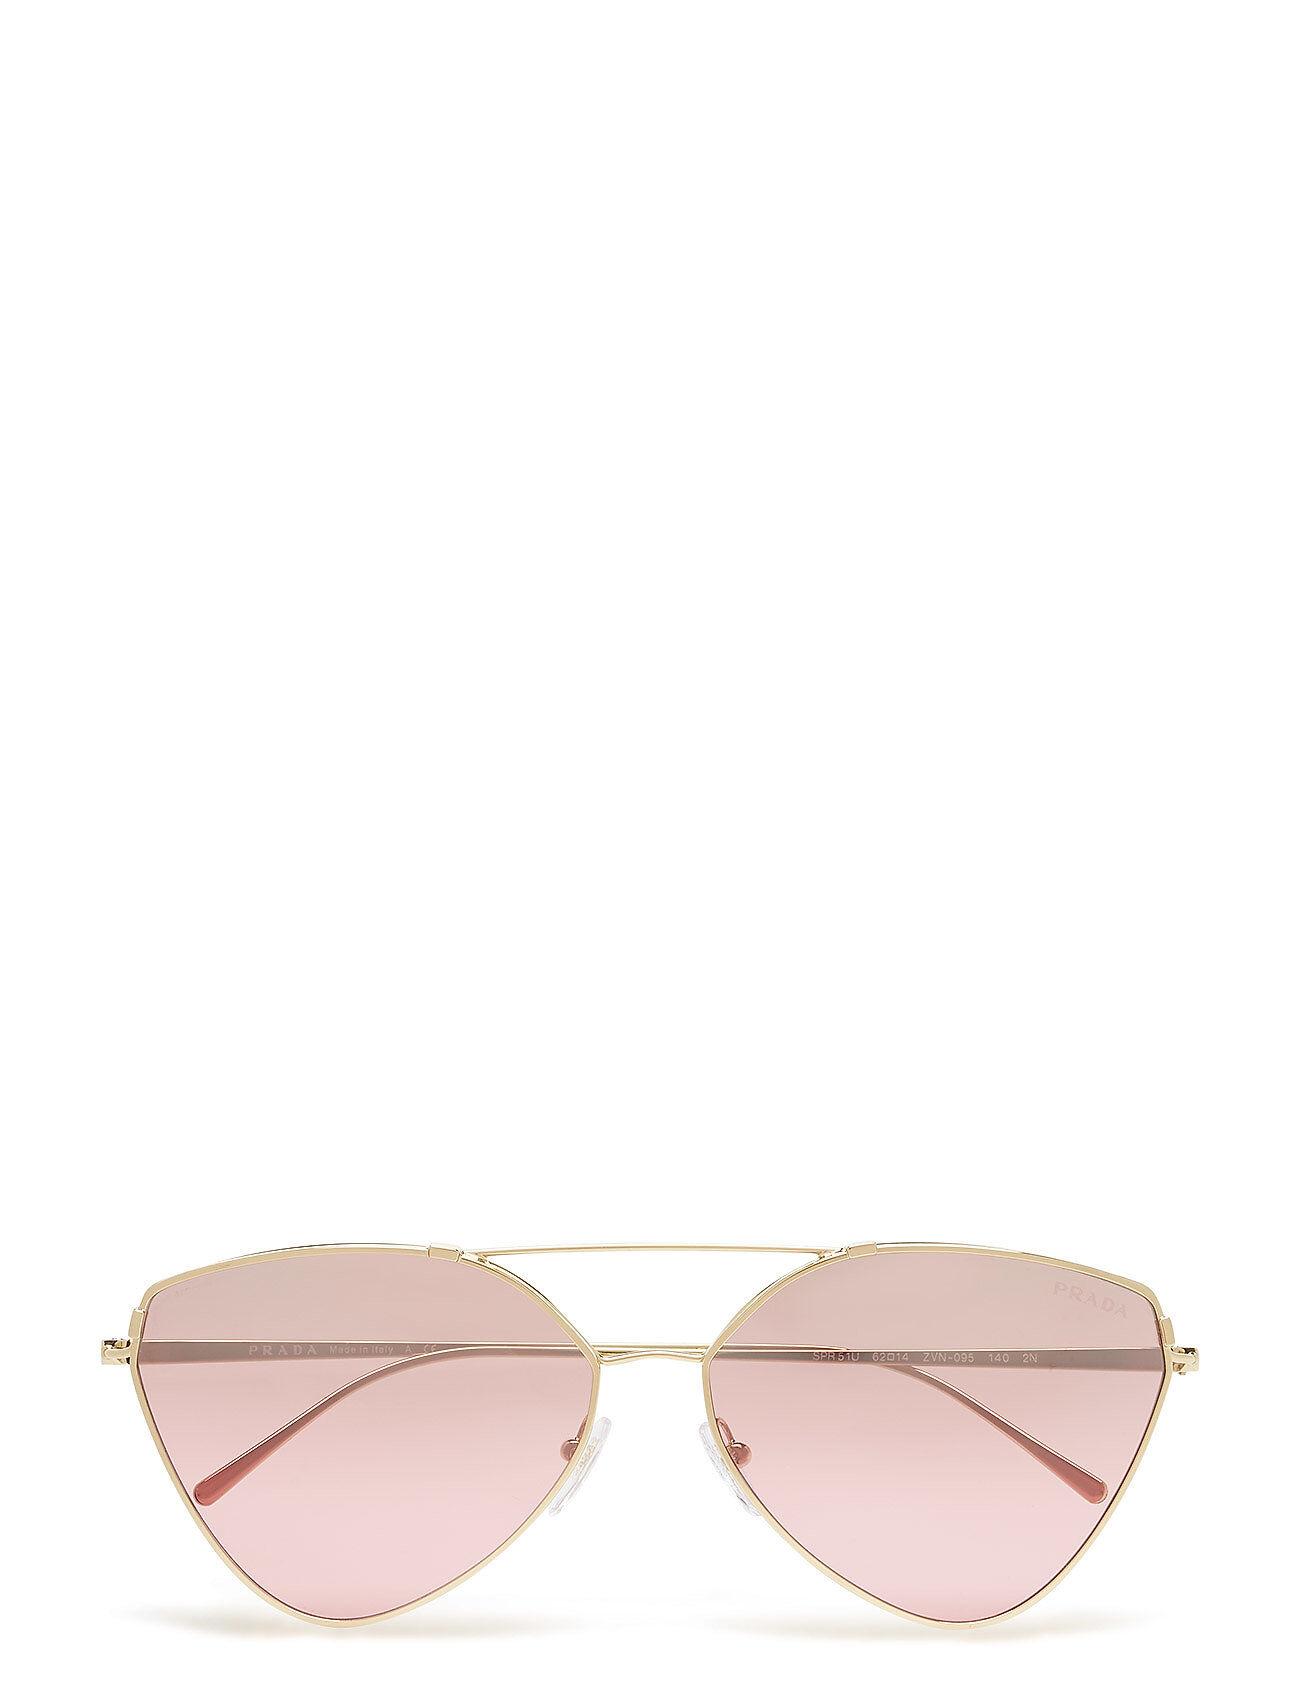 Image of Prada Sunglasses Women'S Sunglasses Neliönmuotoiset Aurinkolasit Vaaleanpunainen